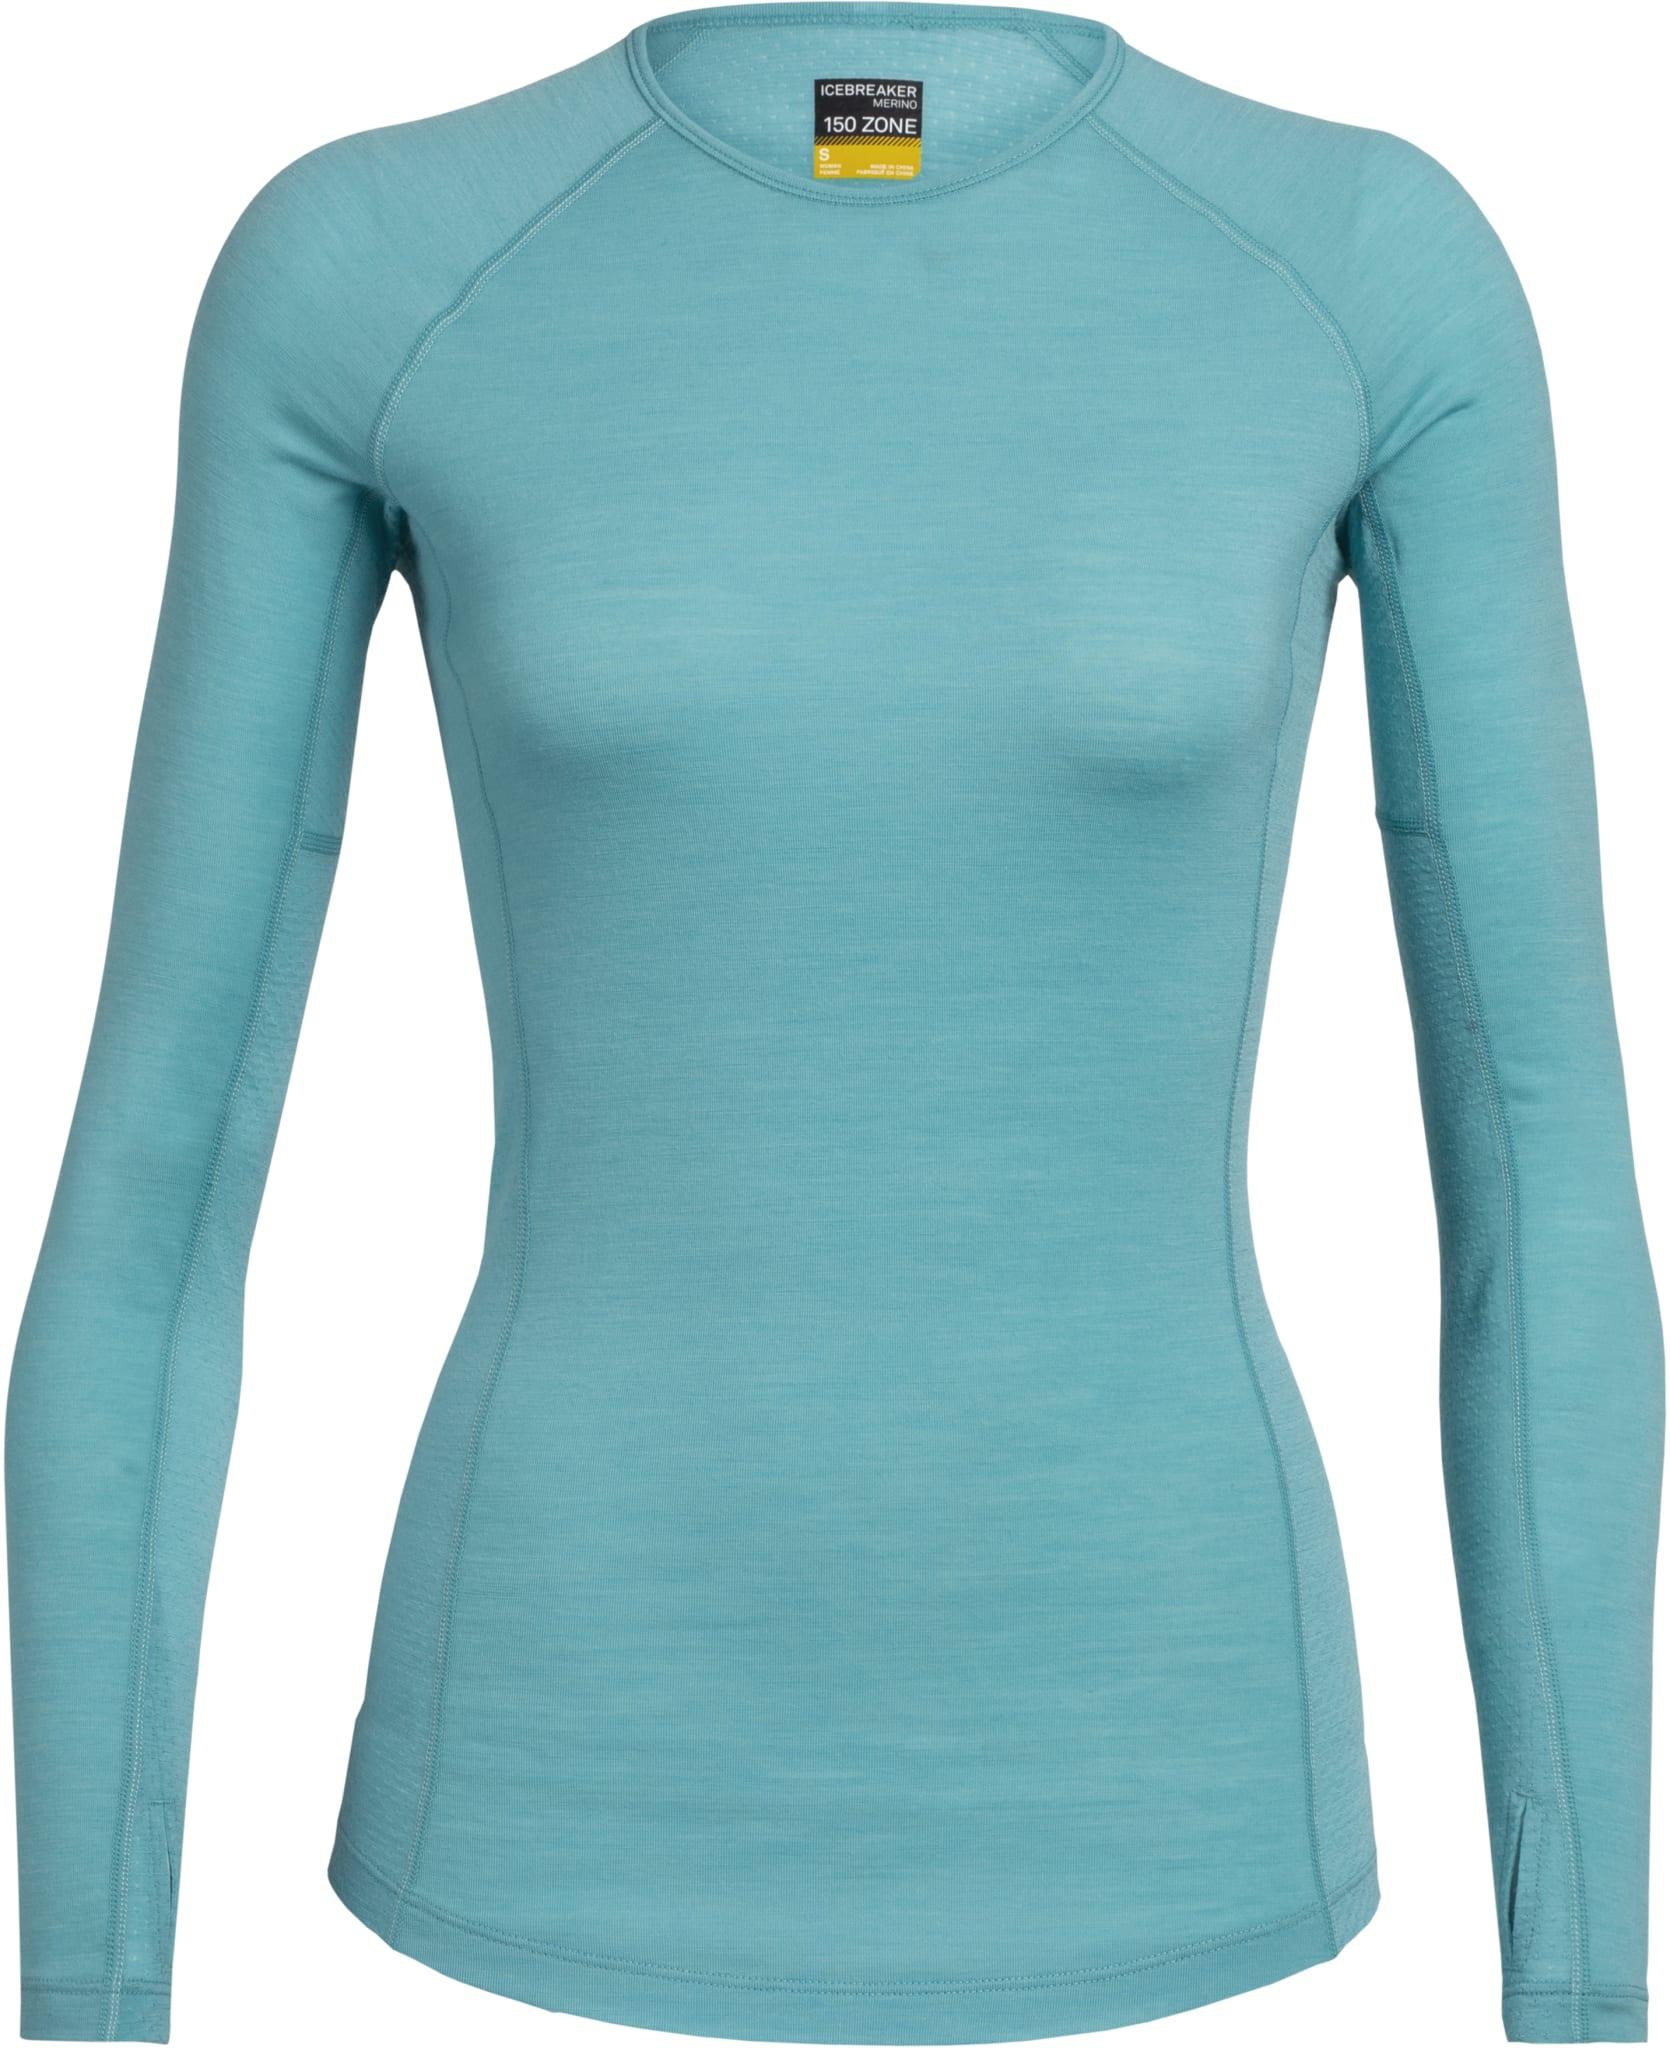 Tynn skjorte som kombinerer ull og ullnetting